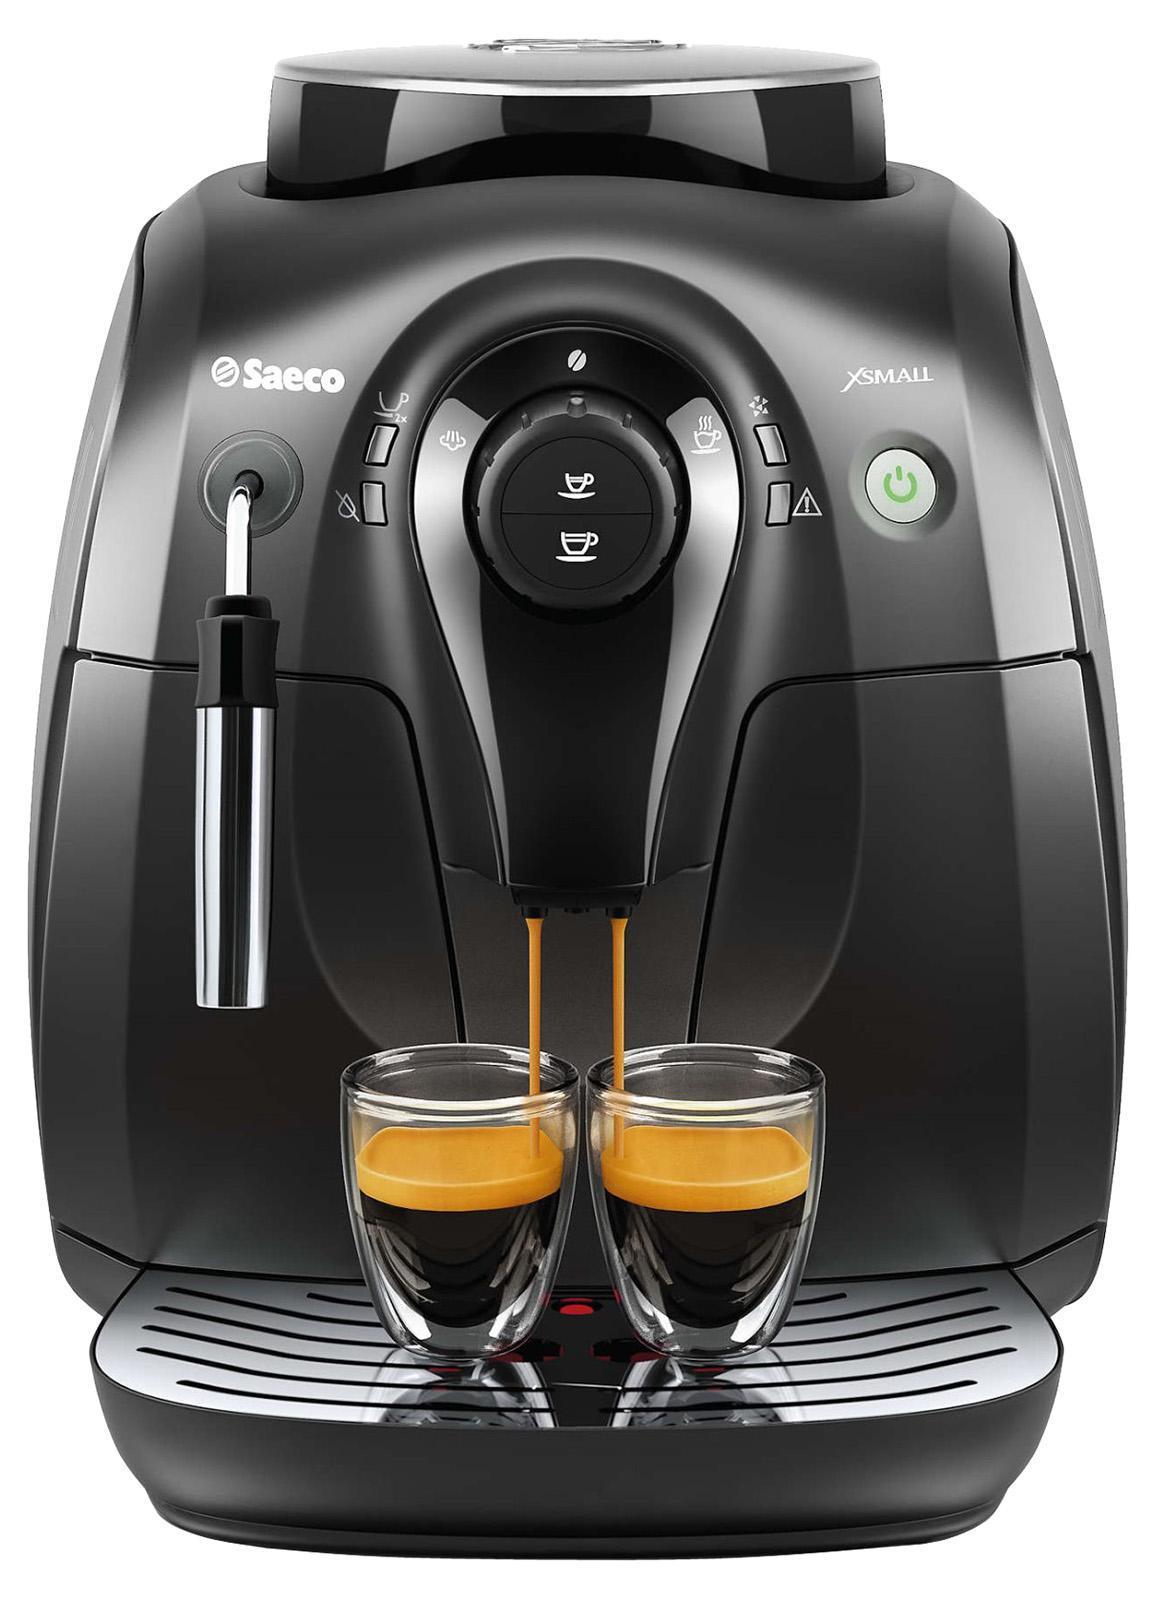 Philips HD8649/01 кофемашинаHD8649/01Эспрессо из свежемолотых кофейных зерен простым нажатием кнопки.Приготовьте одну или сразу две порции превосходного эспрессо,сваренного из свежемолотых кофейных зерен, просто нажав на кнопку иподождав несколько секунд. Потрясающий вкус благодаря 100%-нокерамическим жерновам. Керамика гарантируетдолгий срок службы и бесшумную работу. Регулируемые настройкипомола для идеального вкуса кофе. Выберите одну из пяти степеней помола на вашвкус - от самого тонкого для приготовления насыщенного крепкогоэспрессо до самого грубого для более легкого вкуса. Сохранитеперсональные настройки объема напитка с помощью функциизапоминания. Благодаря функции запоминания вы можетезапрограммировать и сохранить нужный объем, чтобы всегда готовить любимый кофетак, как вам нравится. Классический капучинатор, который баристаназывают панарелло, используется для приготовления с помощью парамягкой молочной пены для вашего капучино. Почувствуйте себябариста - готовьте вкусные молочные напитки традиционным способом!Удобный и понятный интерфейс для простого управлениякофемашиной. Интуитивно понятный и простой пользовательский интерфейс с большимикнопками позволяет с легкостью управлять кофемашиной, в полной мереиспользуя ее возможности. Подходит для кухни любого размераблагодаря компактности и доступу к резервуарам с фронтальнойпанели. Кофемашину невероятно удобно использовать независимо от размера кухни: она занимает мало места,а доступ к резервуару для воды и контейнеру для отходовосуществляется с фронтальной панели. Разработано для вашего наслаждениялюбимым кофе. Полностью съемная варочная группа для удобной очистки. Варочнаягруппа - это основной элемент любой автоматической кофемашины,который необходимо очищать раз в неделю. Доступ к варочной группеосуществляется с боковой панели. Вы сможете без труда извлечь ееодним движением и промыть струей воды из-под крана. Функция автоматическойочистки от загрязнений и накипи Кофемашина выполняет автоматическуюочистку в